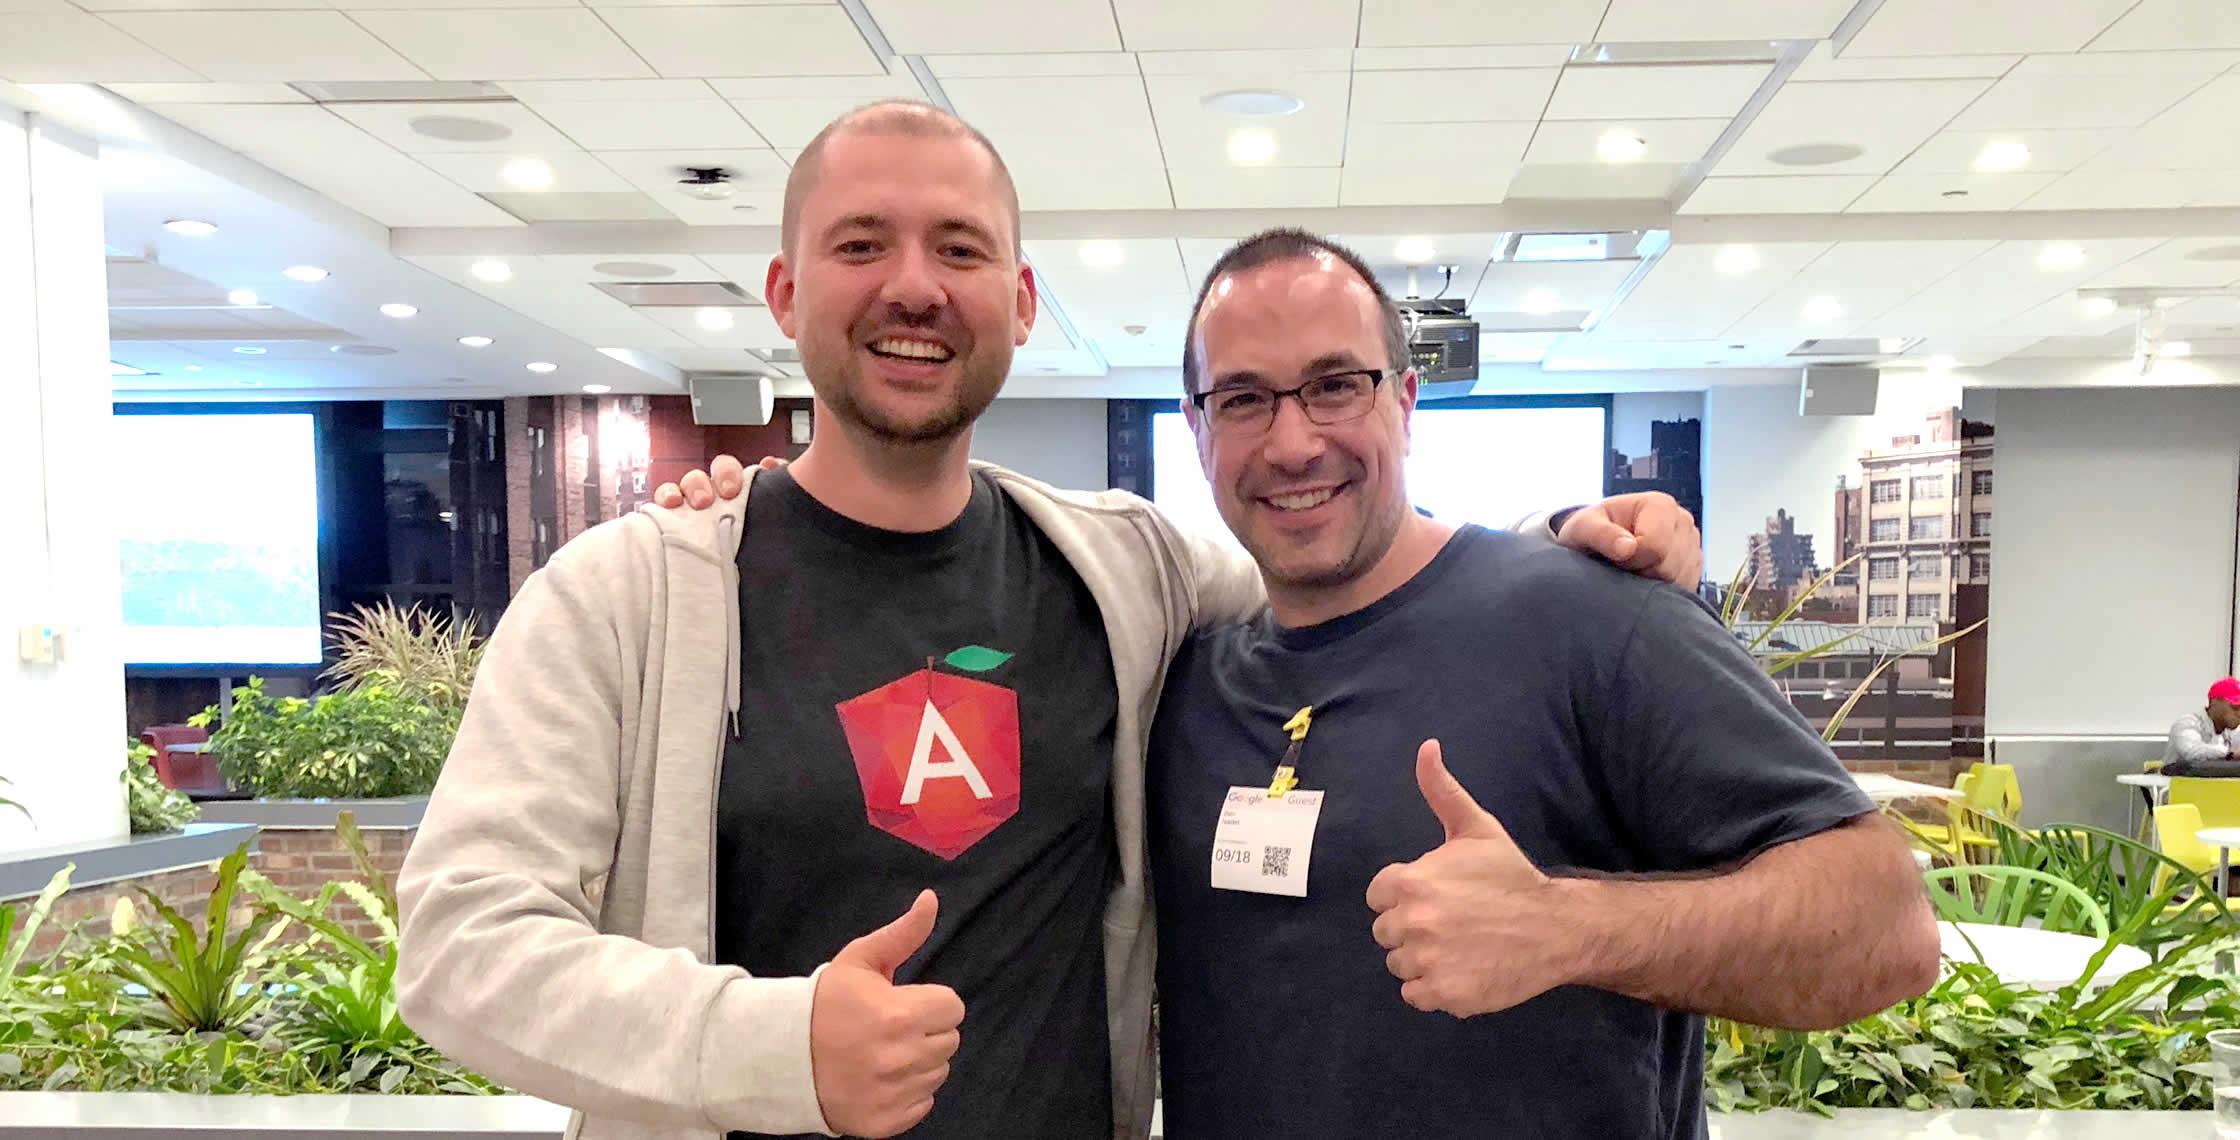 Ben Nadel at the Angular NYC Meetup (Sep. 2018) with: Roman Ilyushin